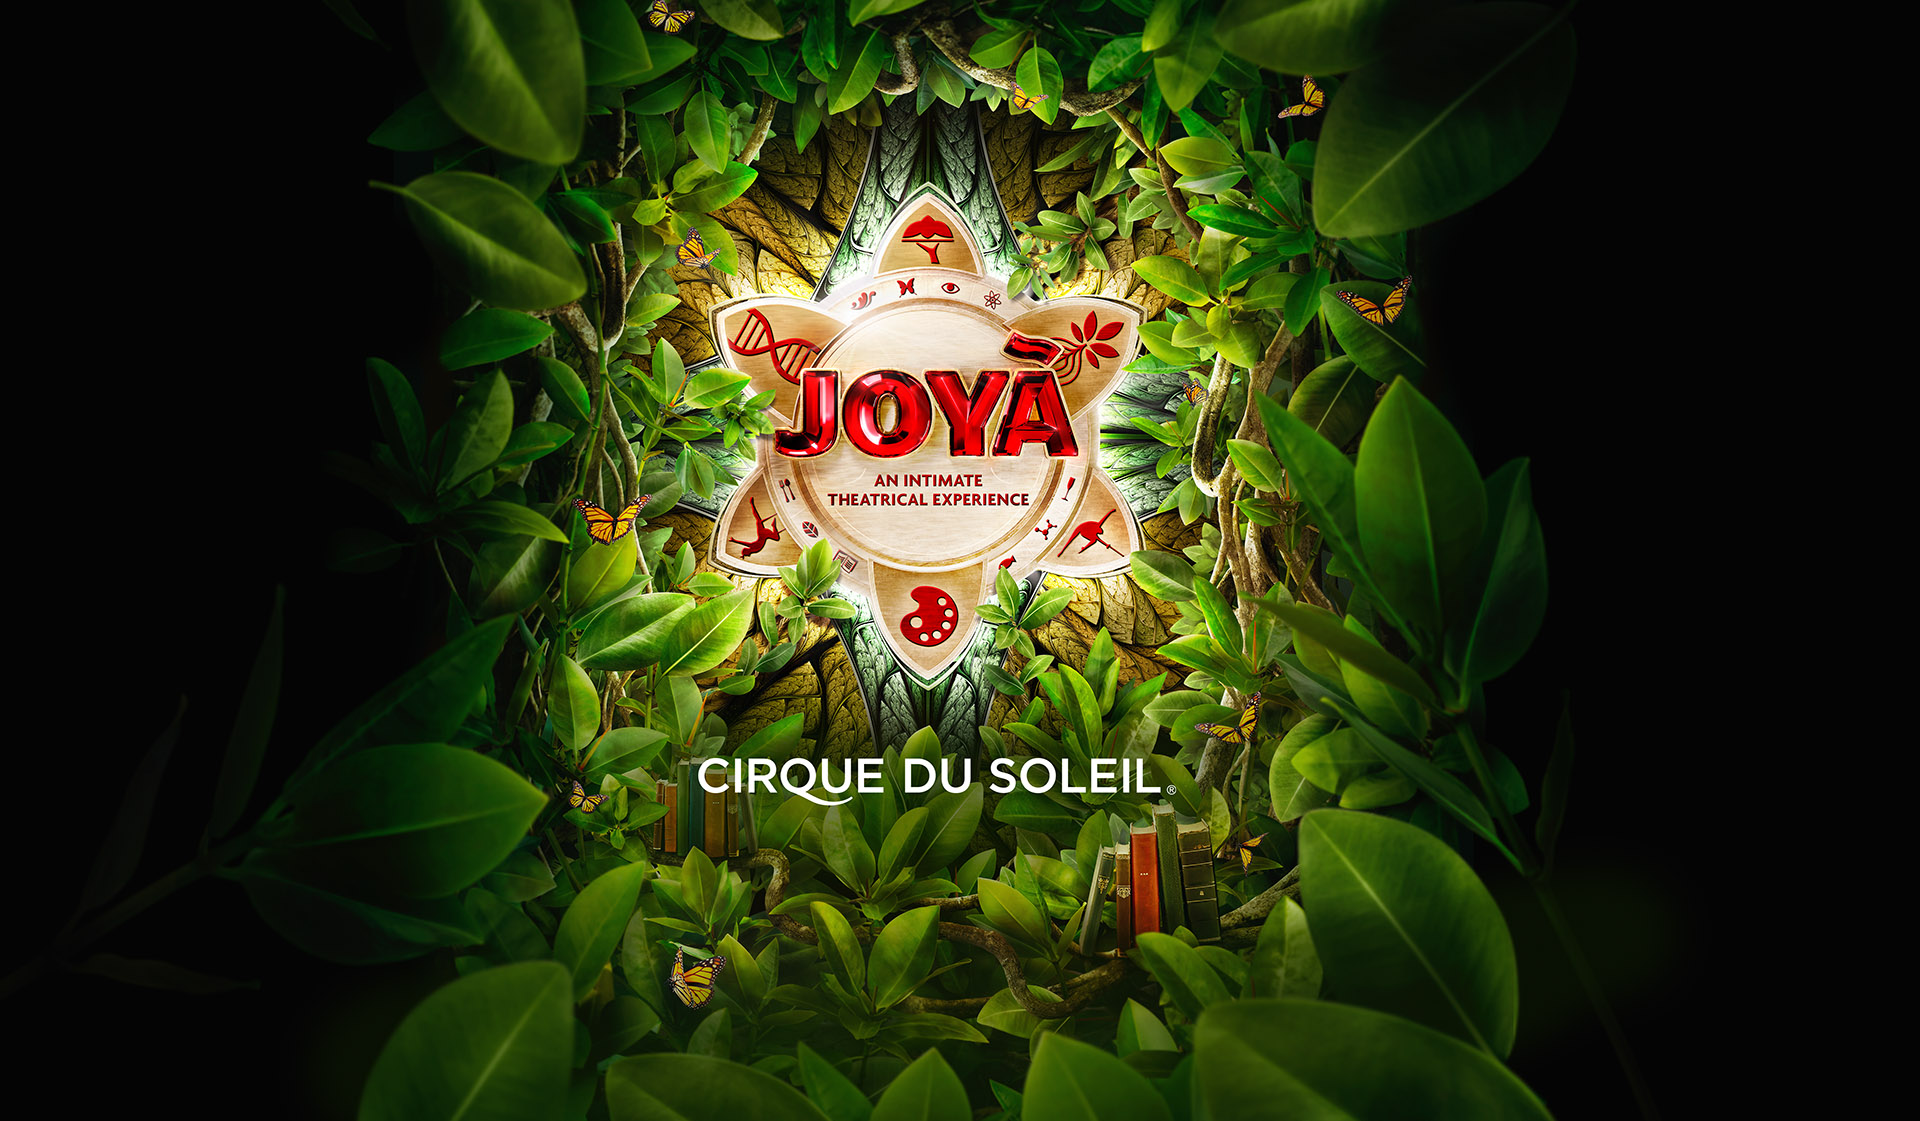 CirqueSoleil_Joya